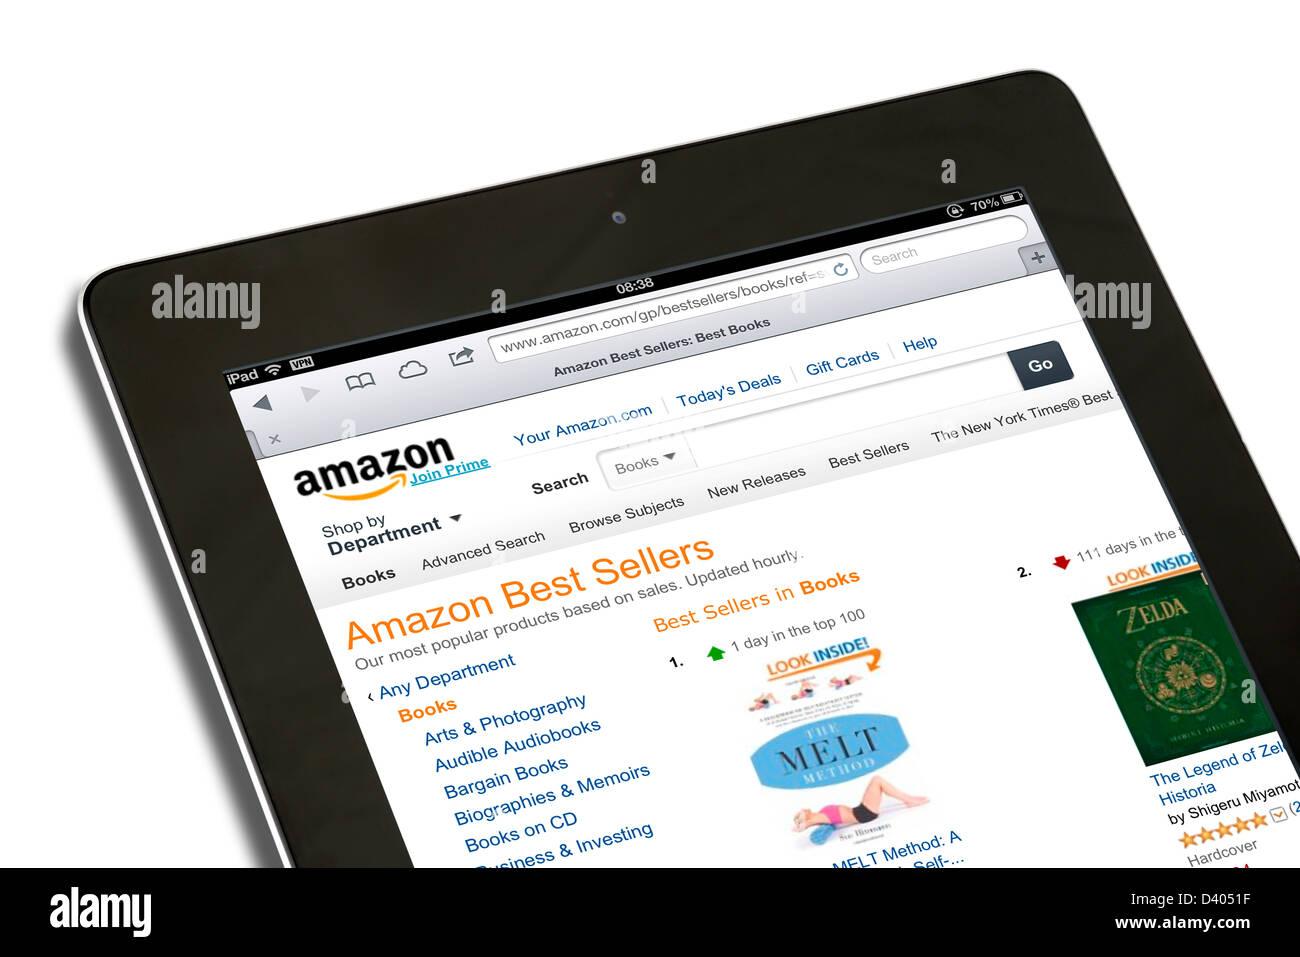 Shopping pour les livres sur l'amazon.com USA Site web sur une 4ème génération d'Apple iPad Photo Stock